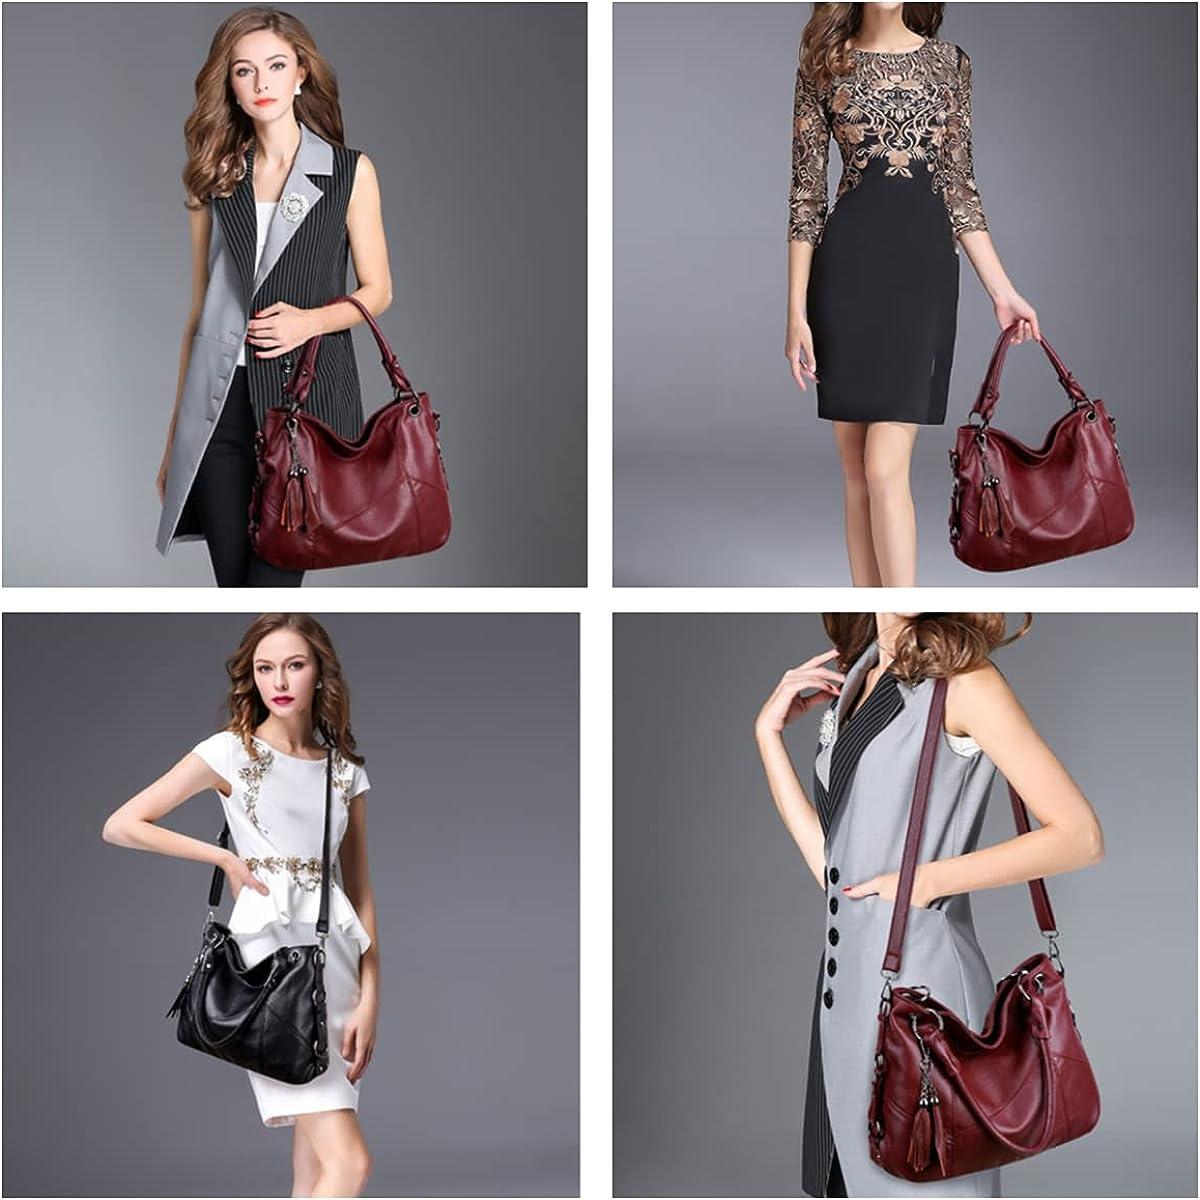 Women Hobo Bag Large Soft Shoulder Bags Designer Leather Handbag Purse Tote with Detachable Long Strap